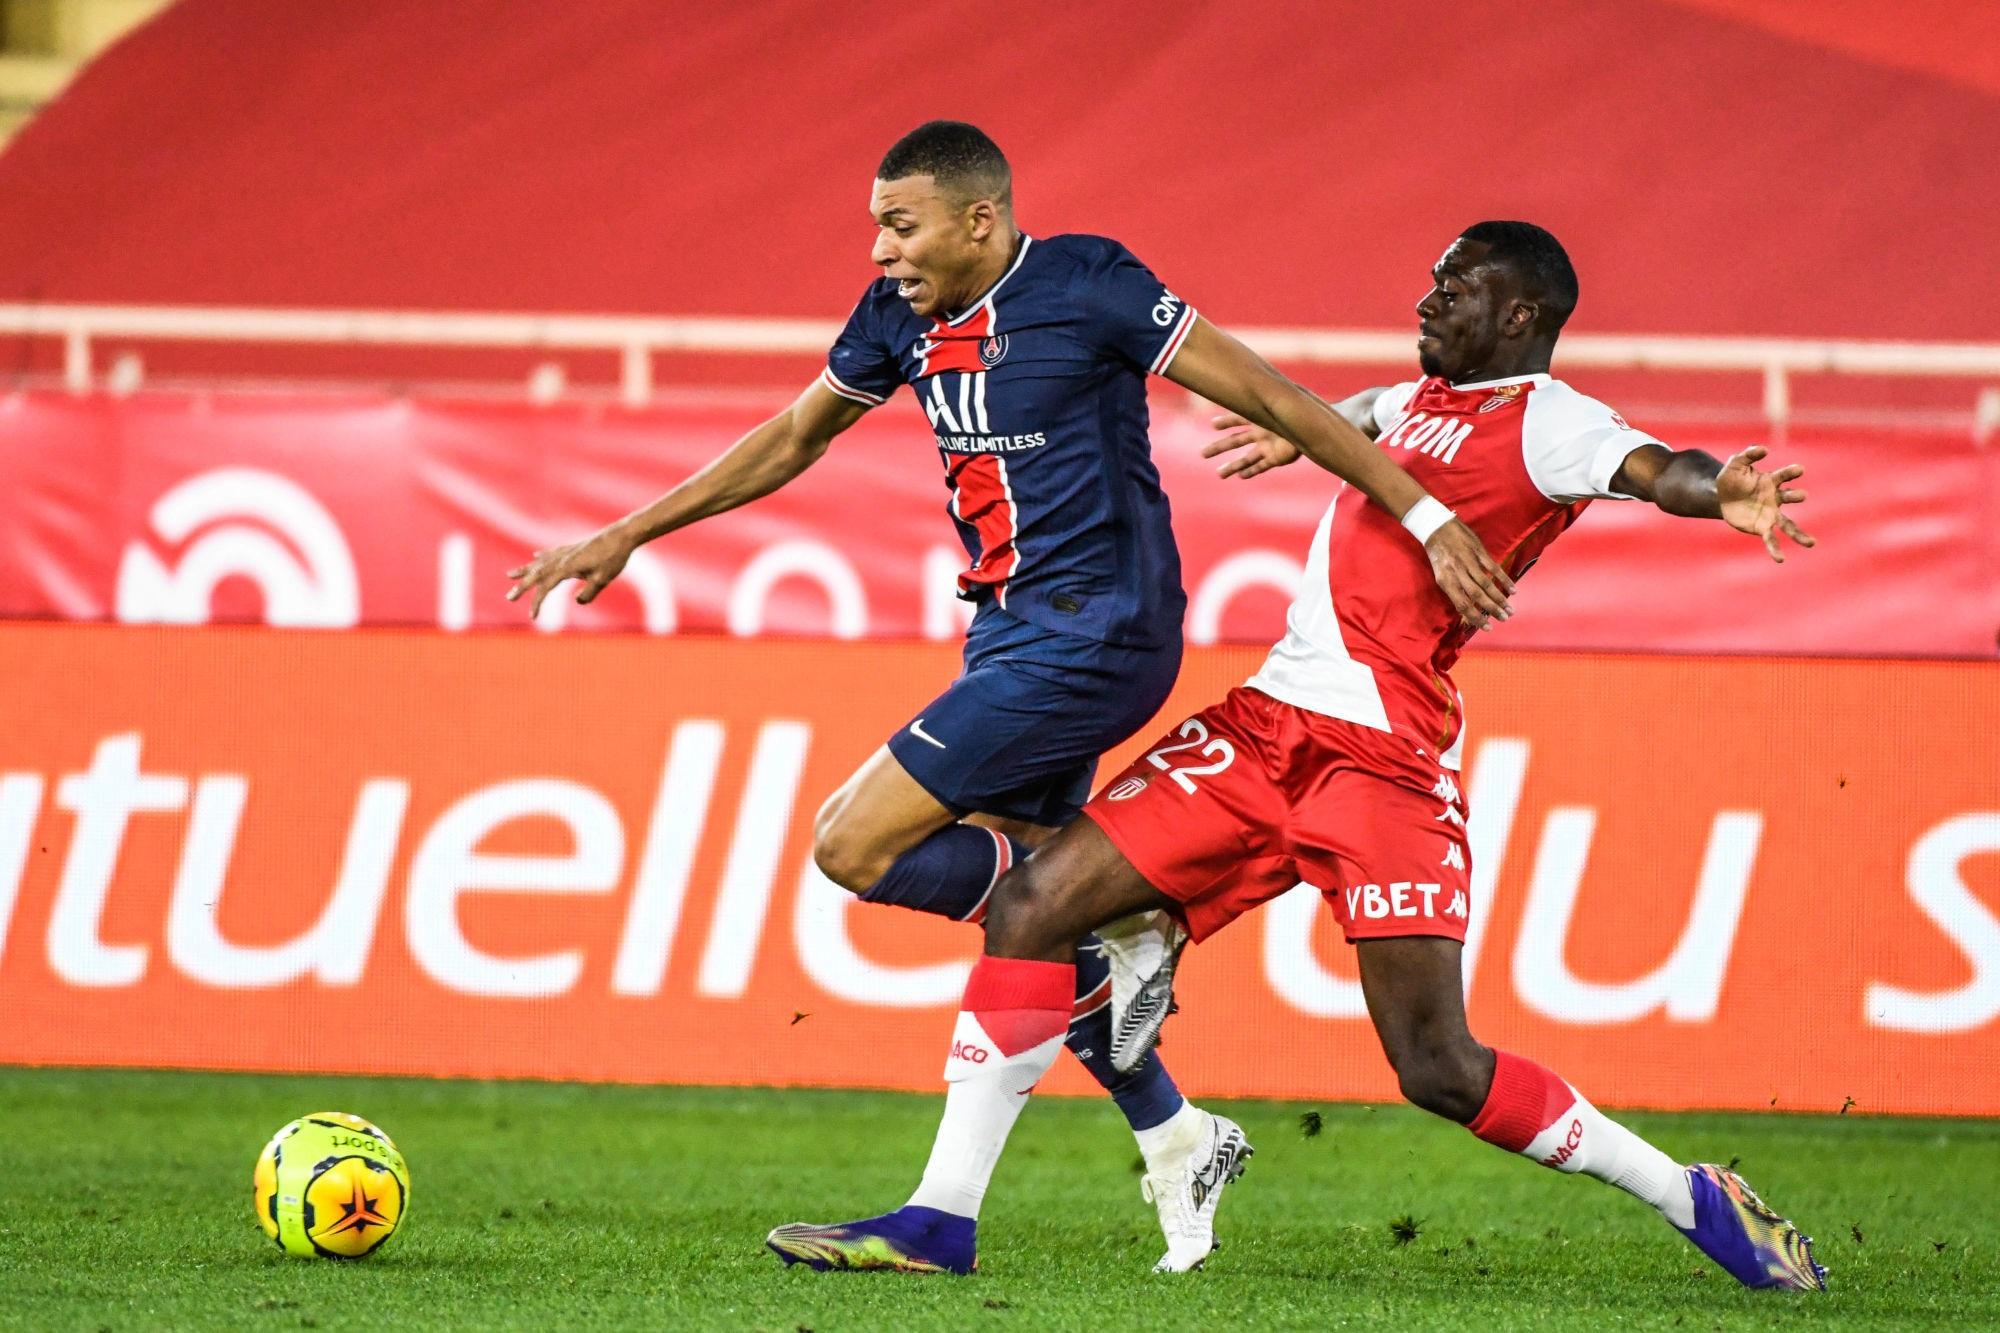 Résumé Monaco/PSG (3-2) - La vidéo des buts et temps forts du match